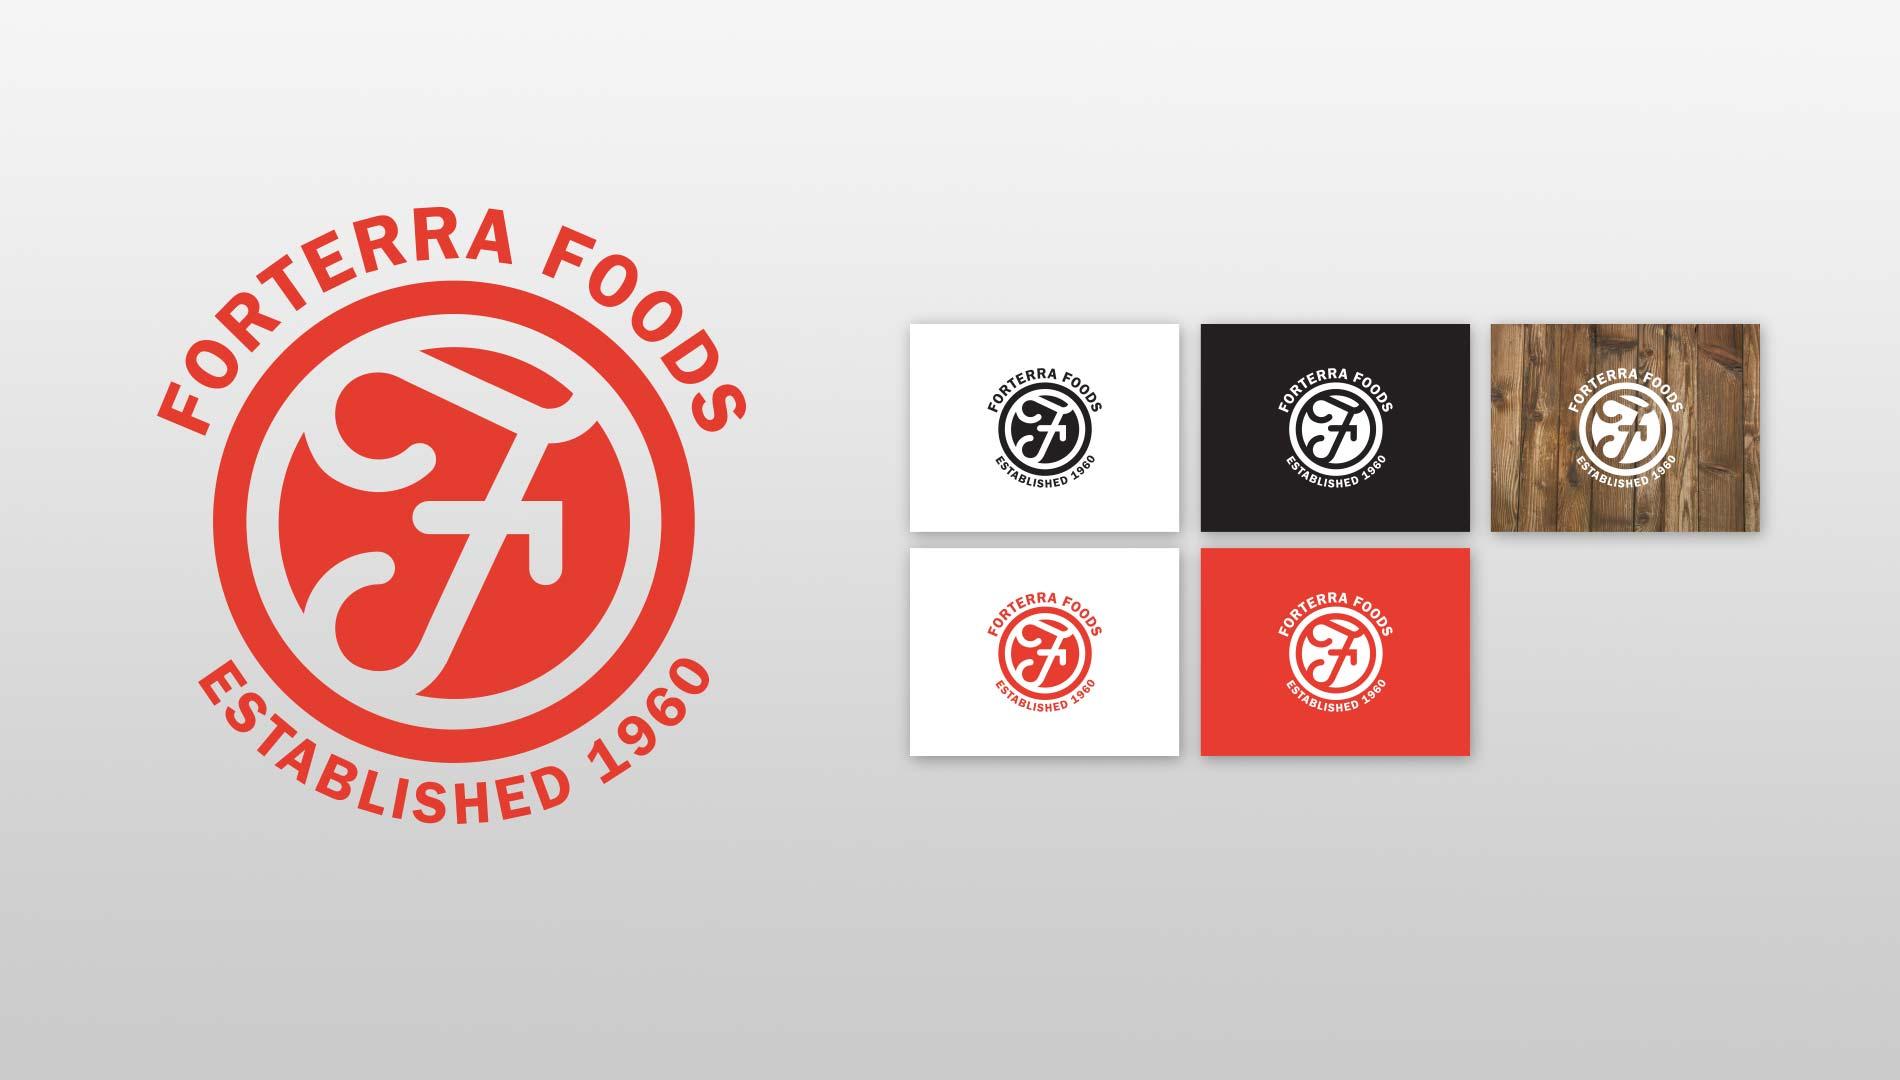 matthan_evans_forterra_logo_3